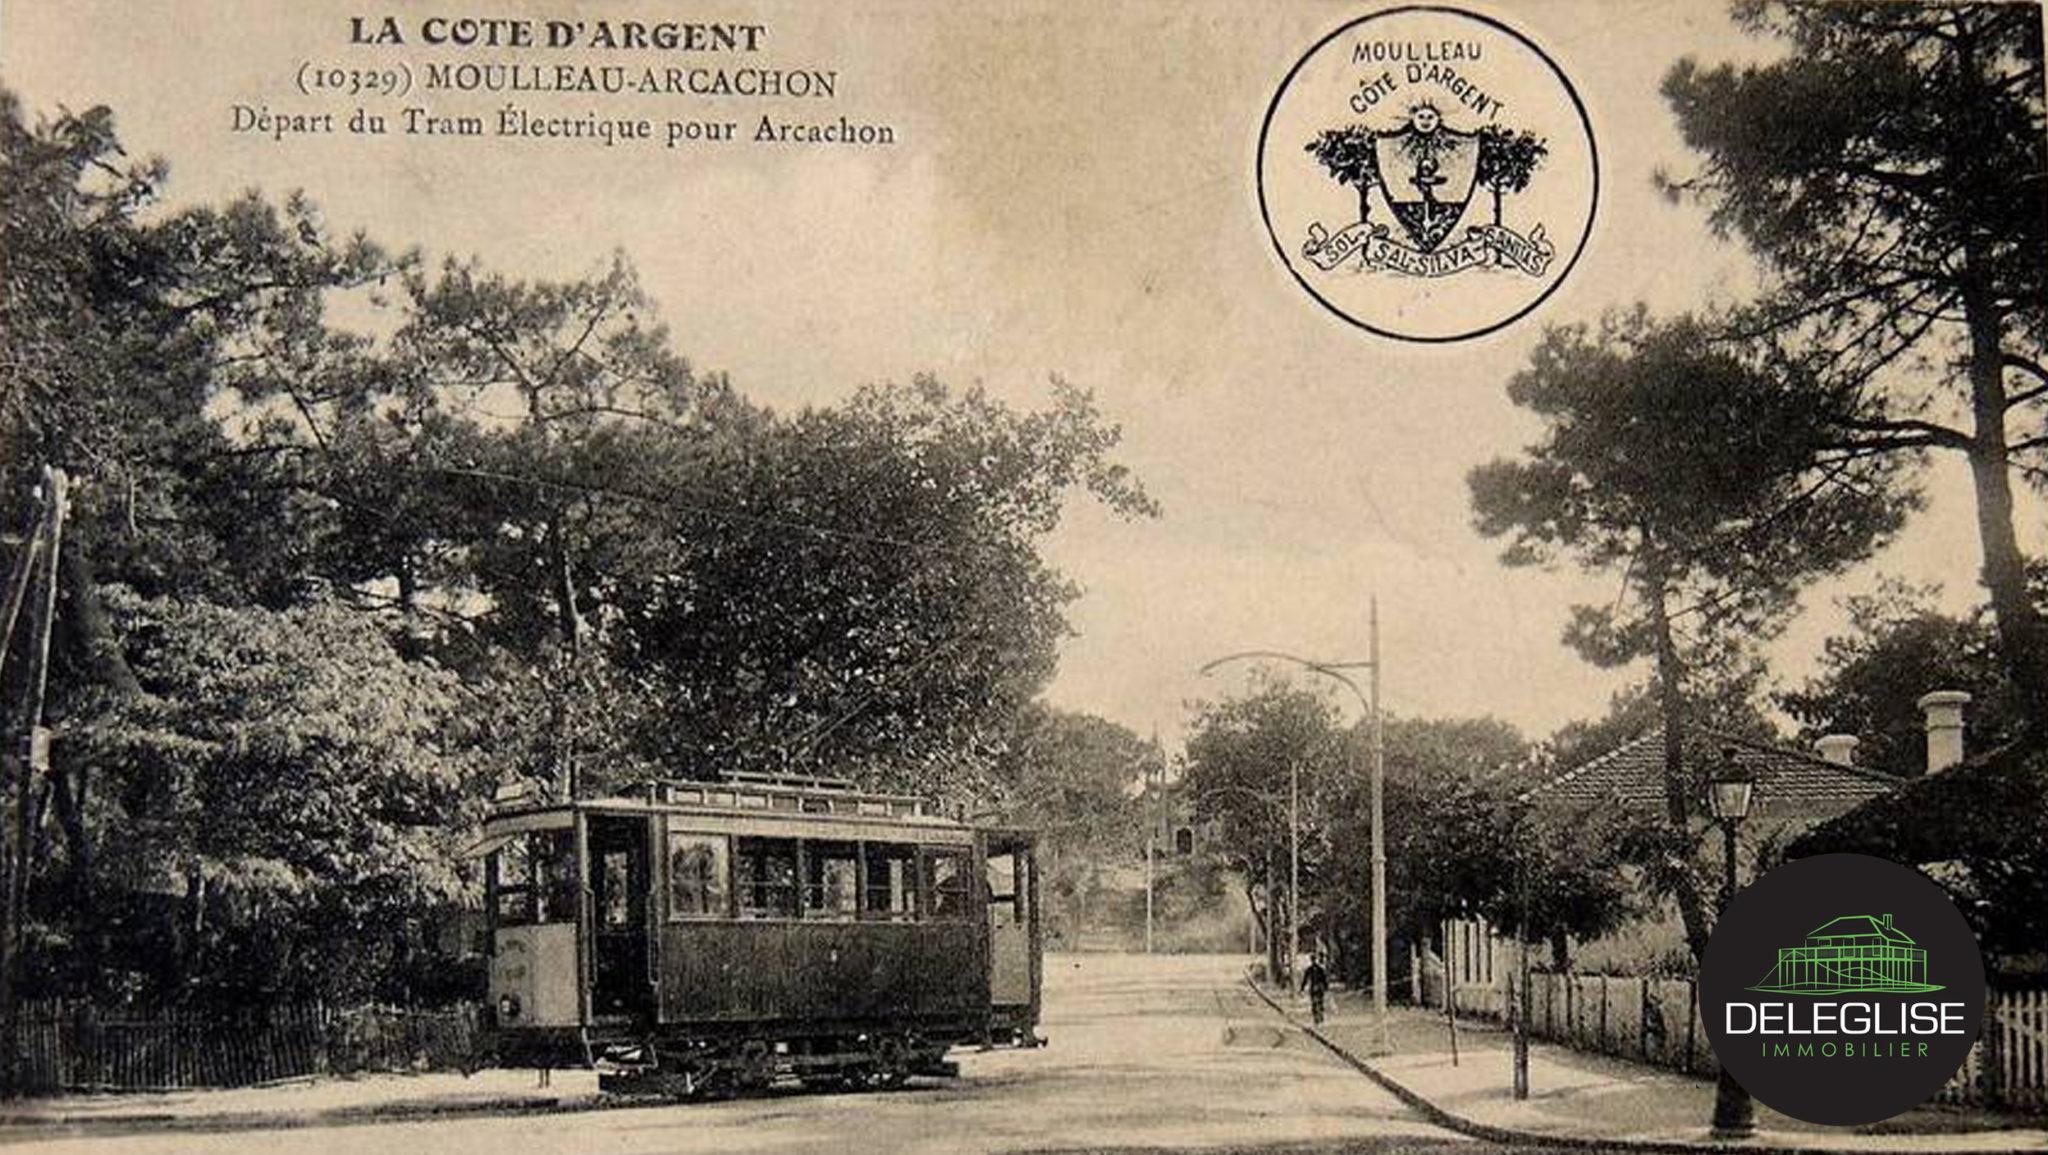 Le moulleau Carte Postale ancienne